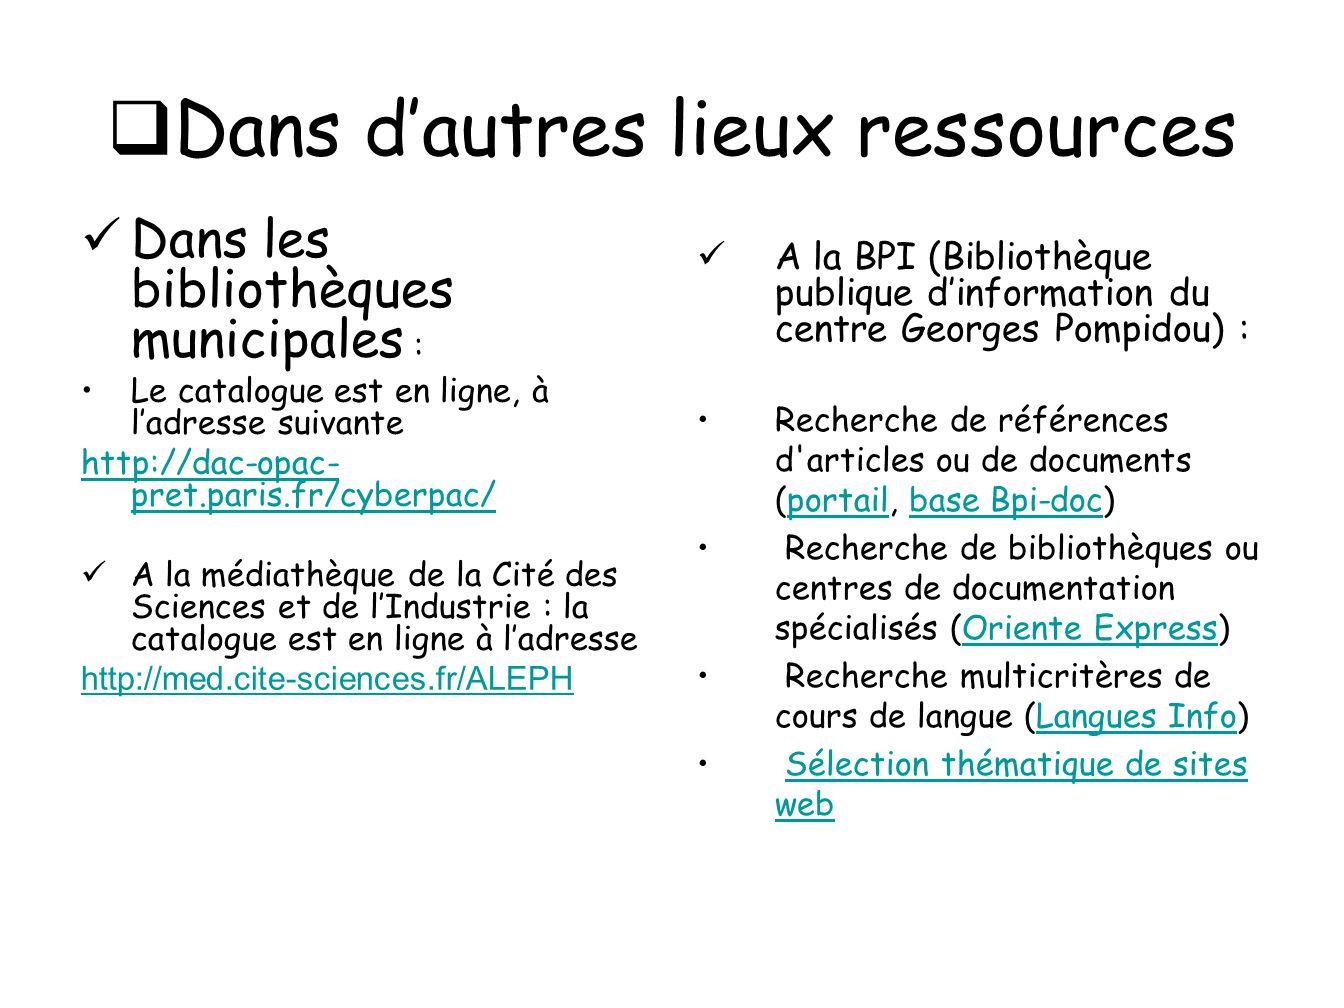 Dans dautres lieux ressources Dans les bibliothèques municipales : Le catalogue est en ligne, à ladresse suivante http://dac-opac- pret.paris.fr/cyber